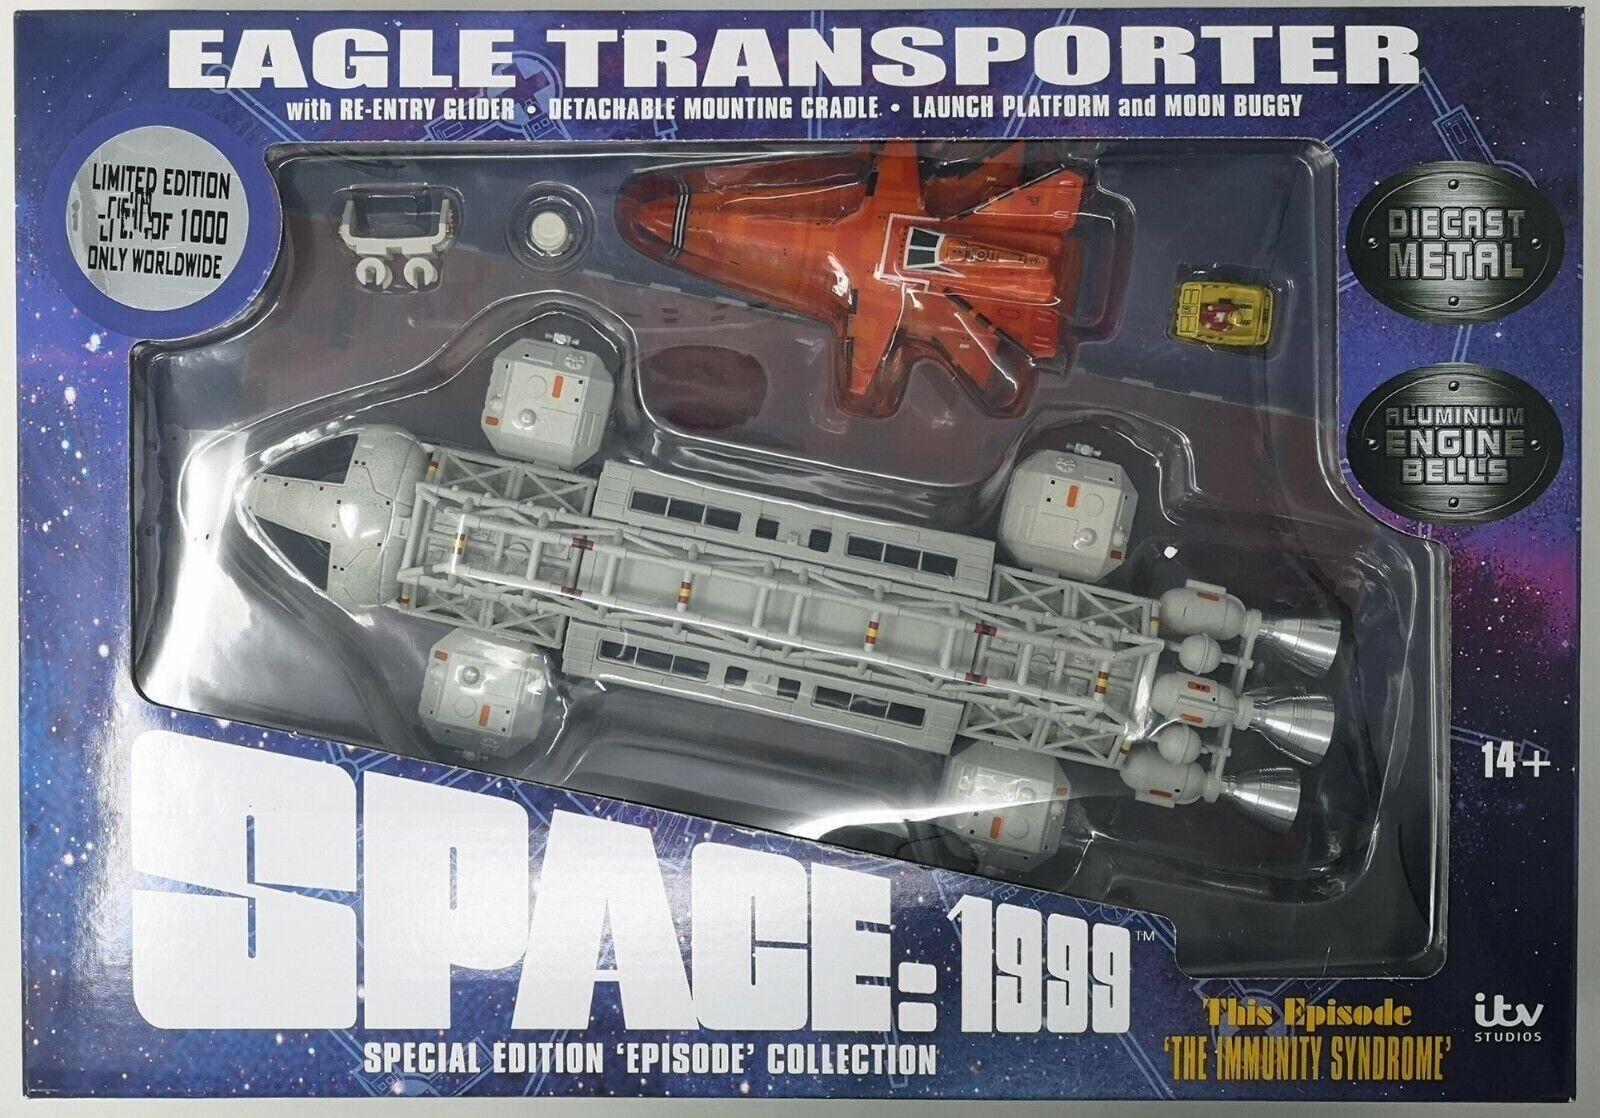 A la venta con descuento del 70%. Space 1999 Eagle Transporter Die Cast Episode Episode Episode The Immunity Syndrome Limited 1000  orden ahora con gran descuento y entrega gratuita